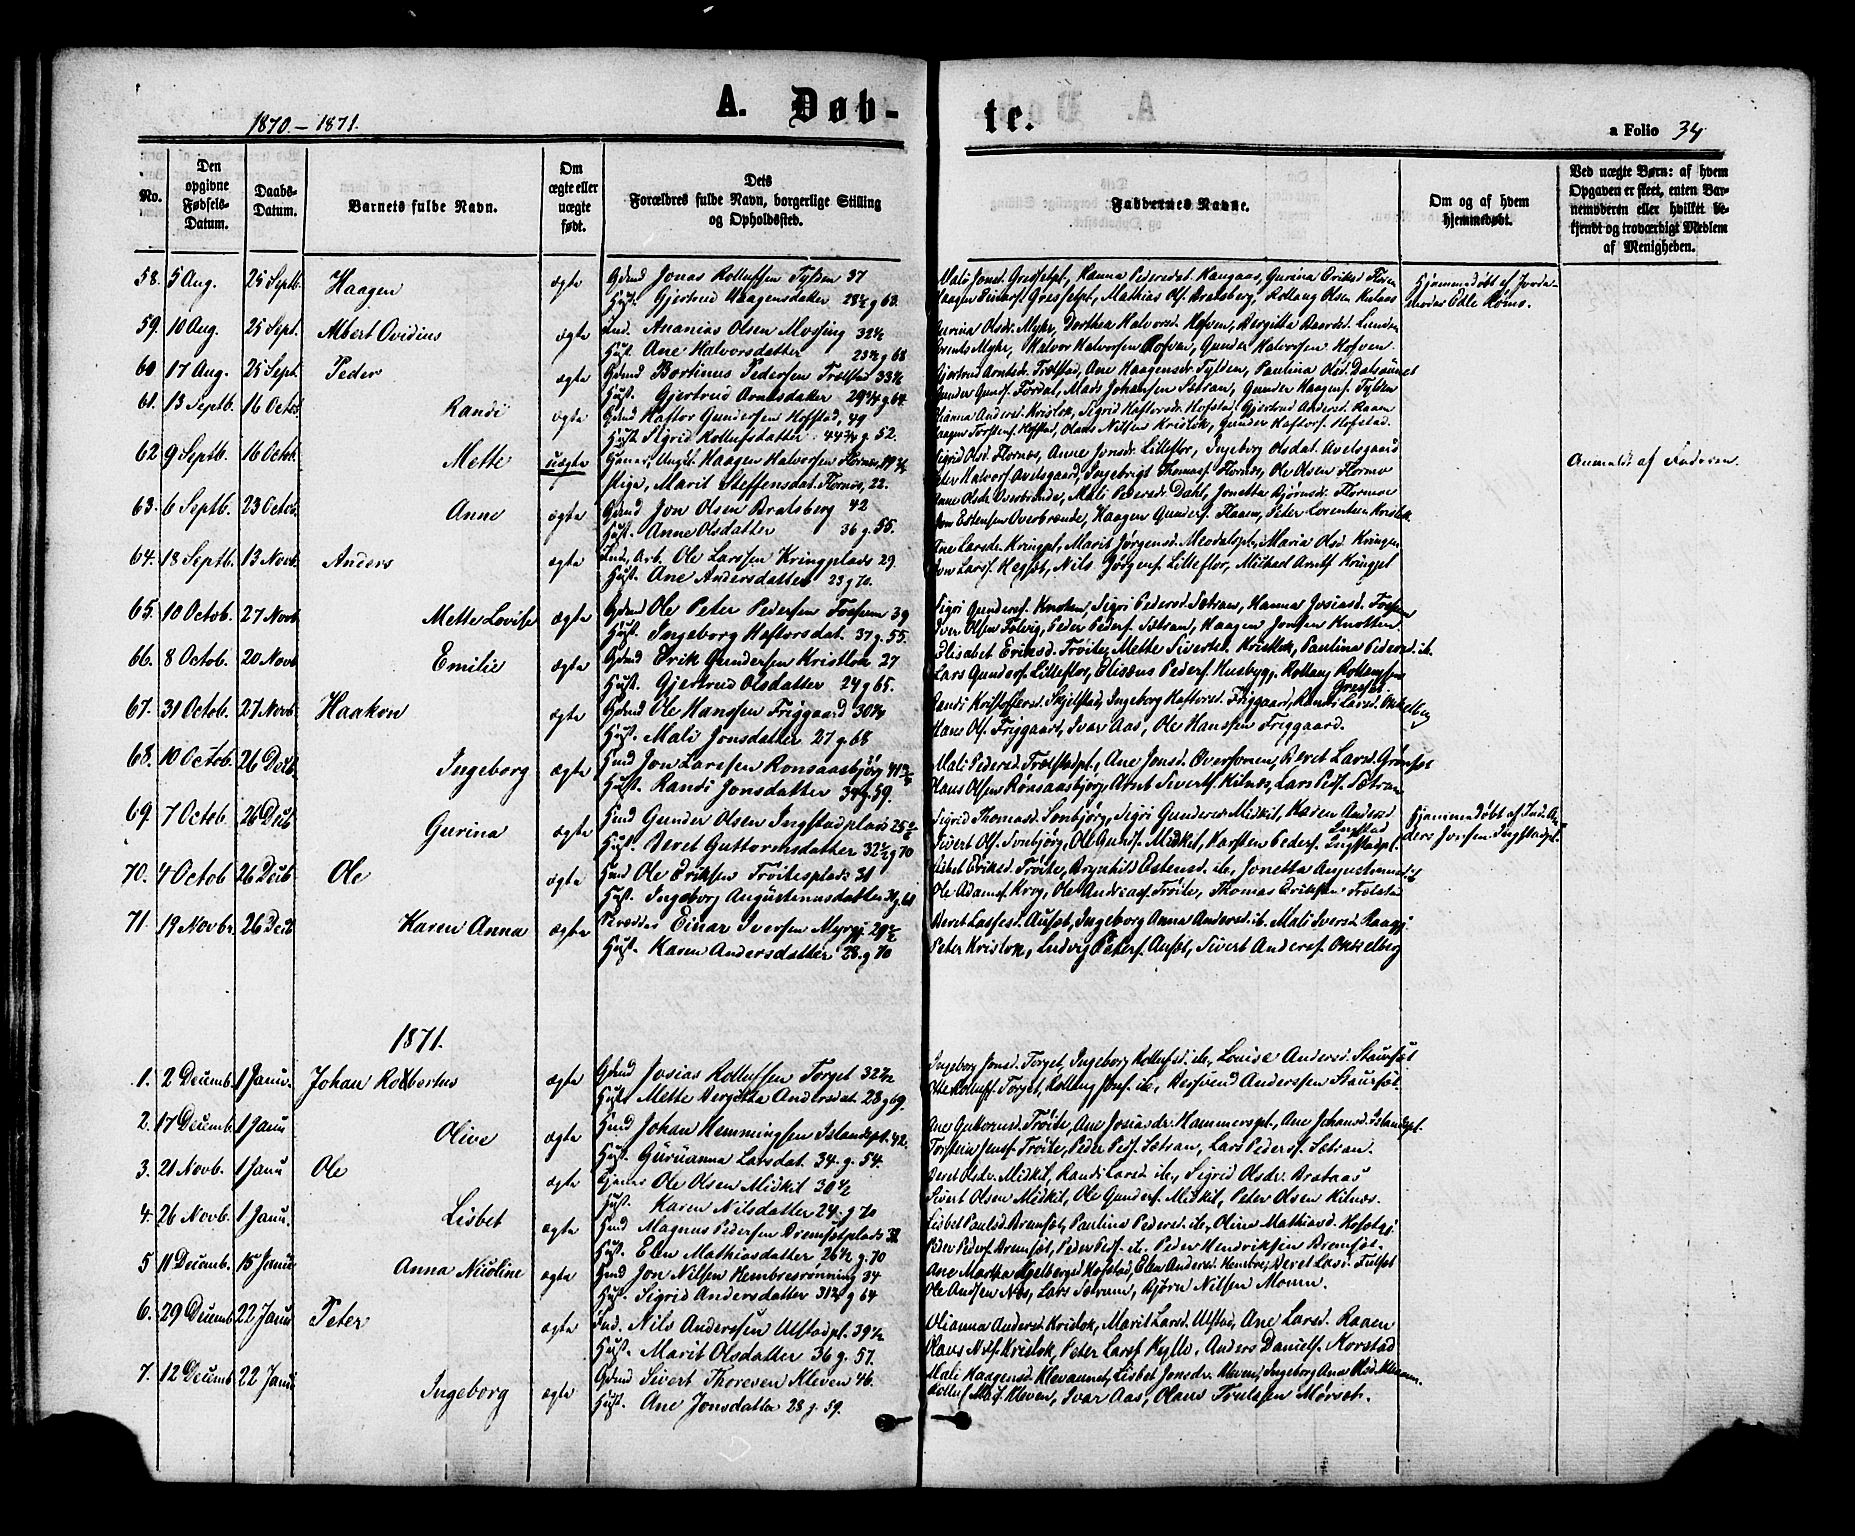 SAT, Ministerialprotokoller, klokkerbøker og fødselsregistre - Nord-Trøndelag, 703/L0029: Ministerialbok nr. 703A02, 1863-1879, s. 34